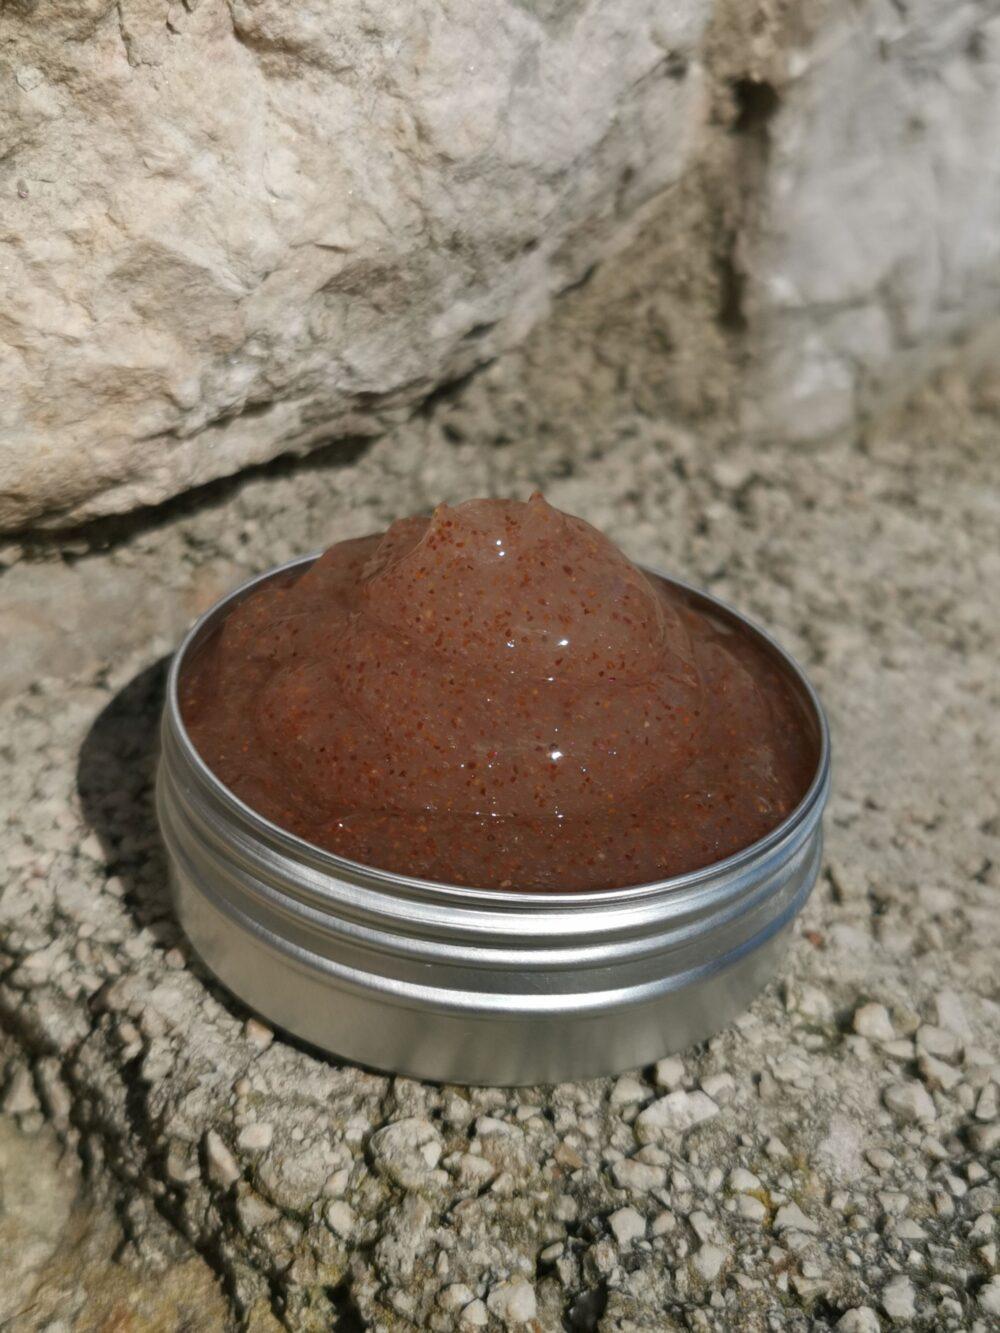 Piling za lice s aloe vera gelom i mljevenim košticama marelice za suhu, osjetljivu i normalnu kožu, miris lavande